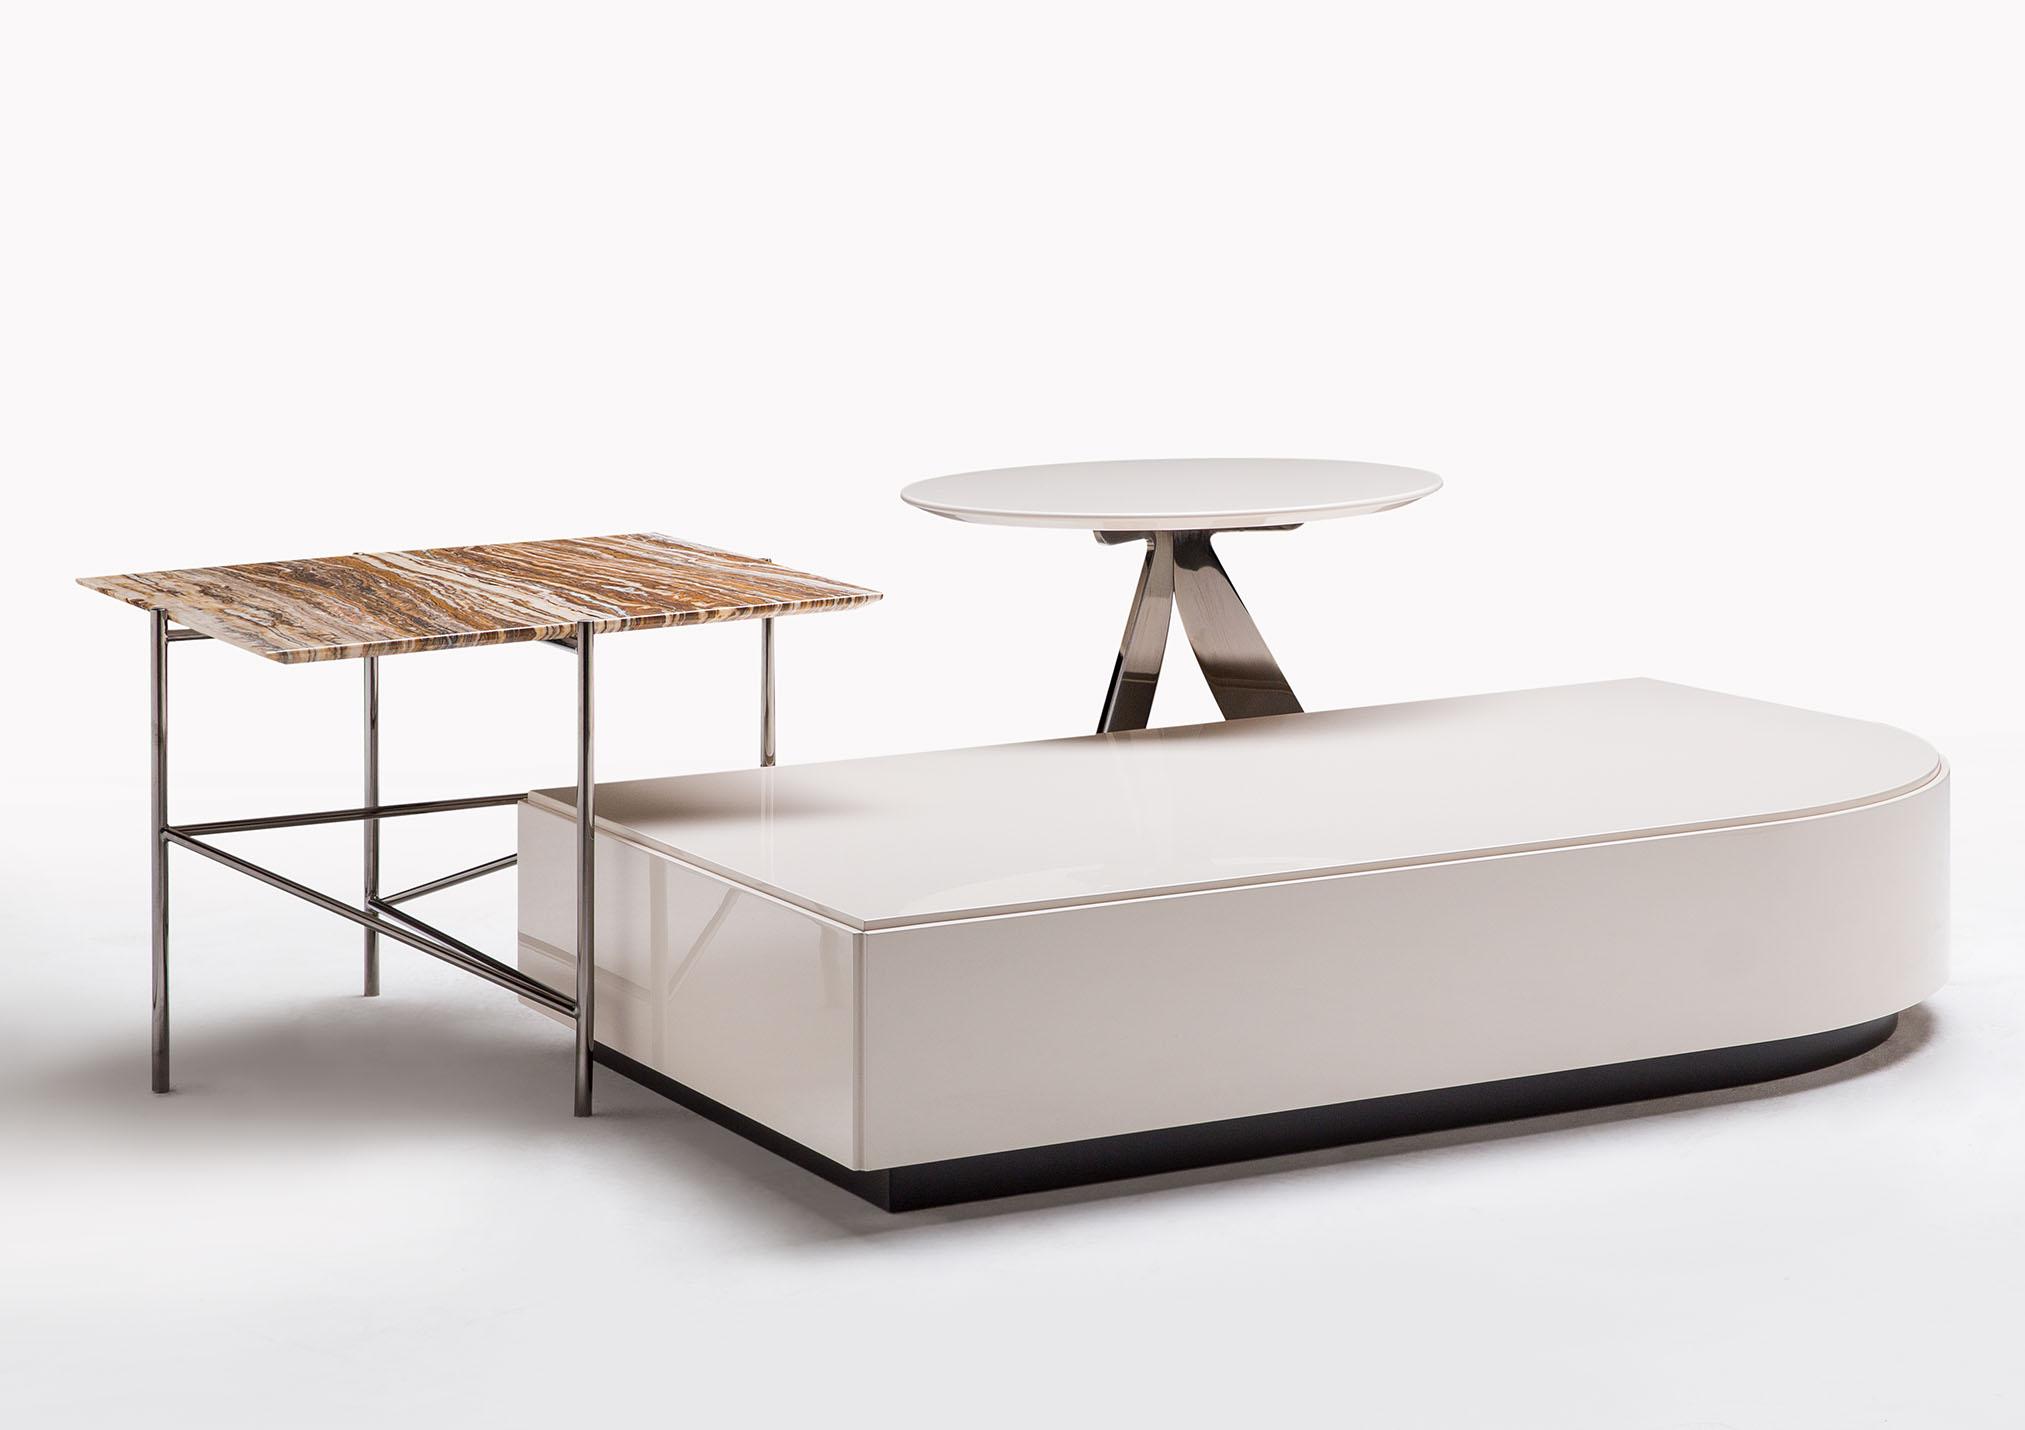 Tavolini Da Salotto Di Marmo : Avete presente i tavolini da salotto cancellate tutto e